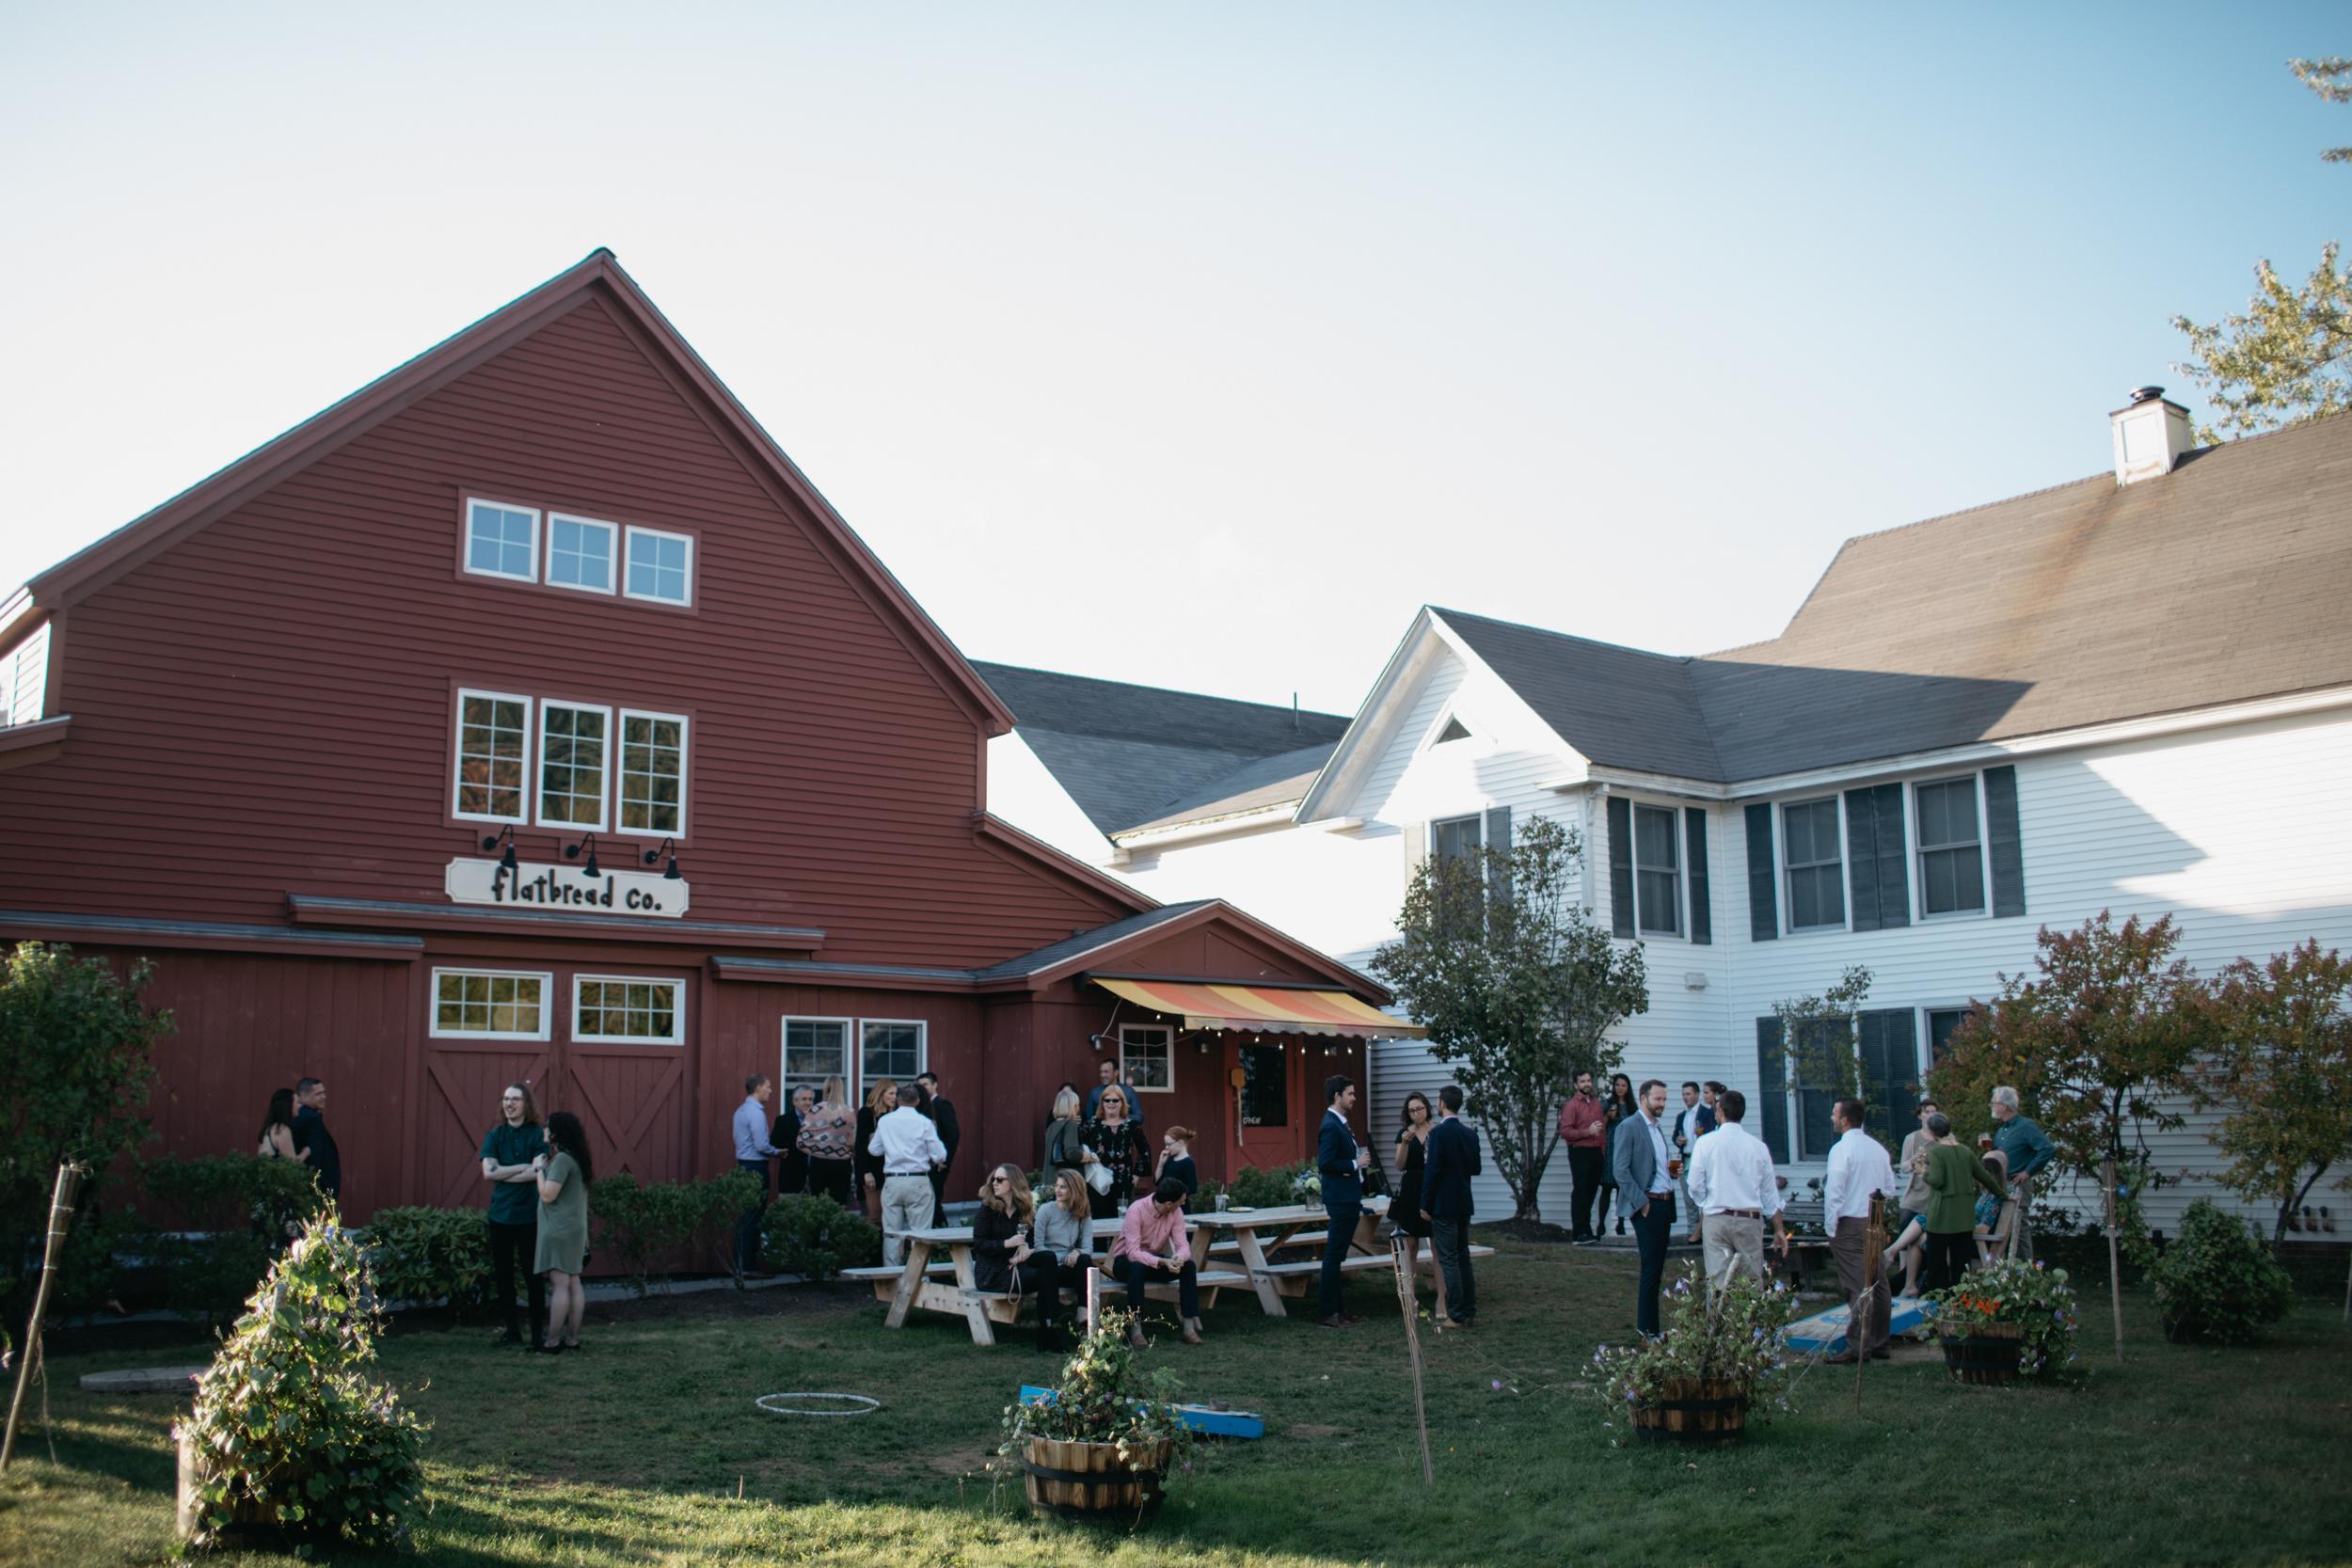 Mackenzie_Collins_Day_Two_Flatbread_Company_rockport_Maine_wedding_007.jpg